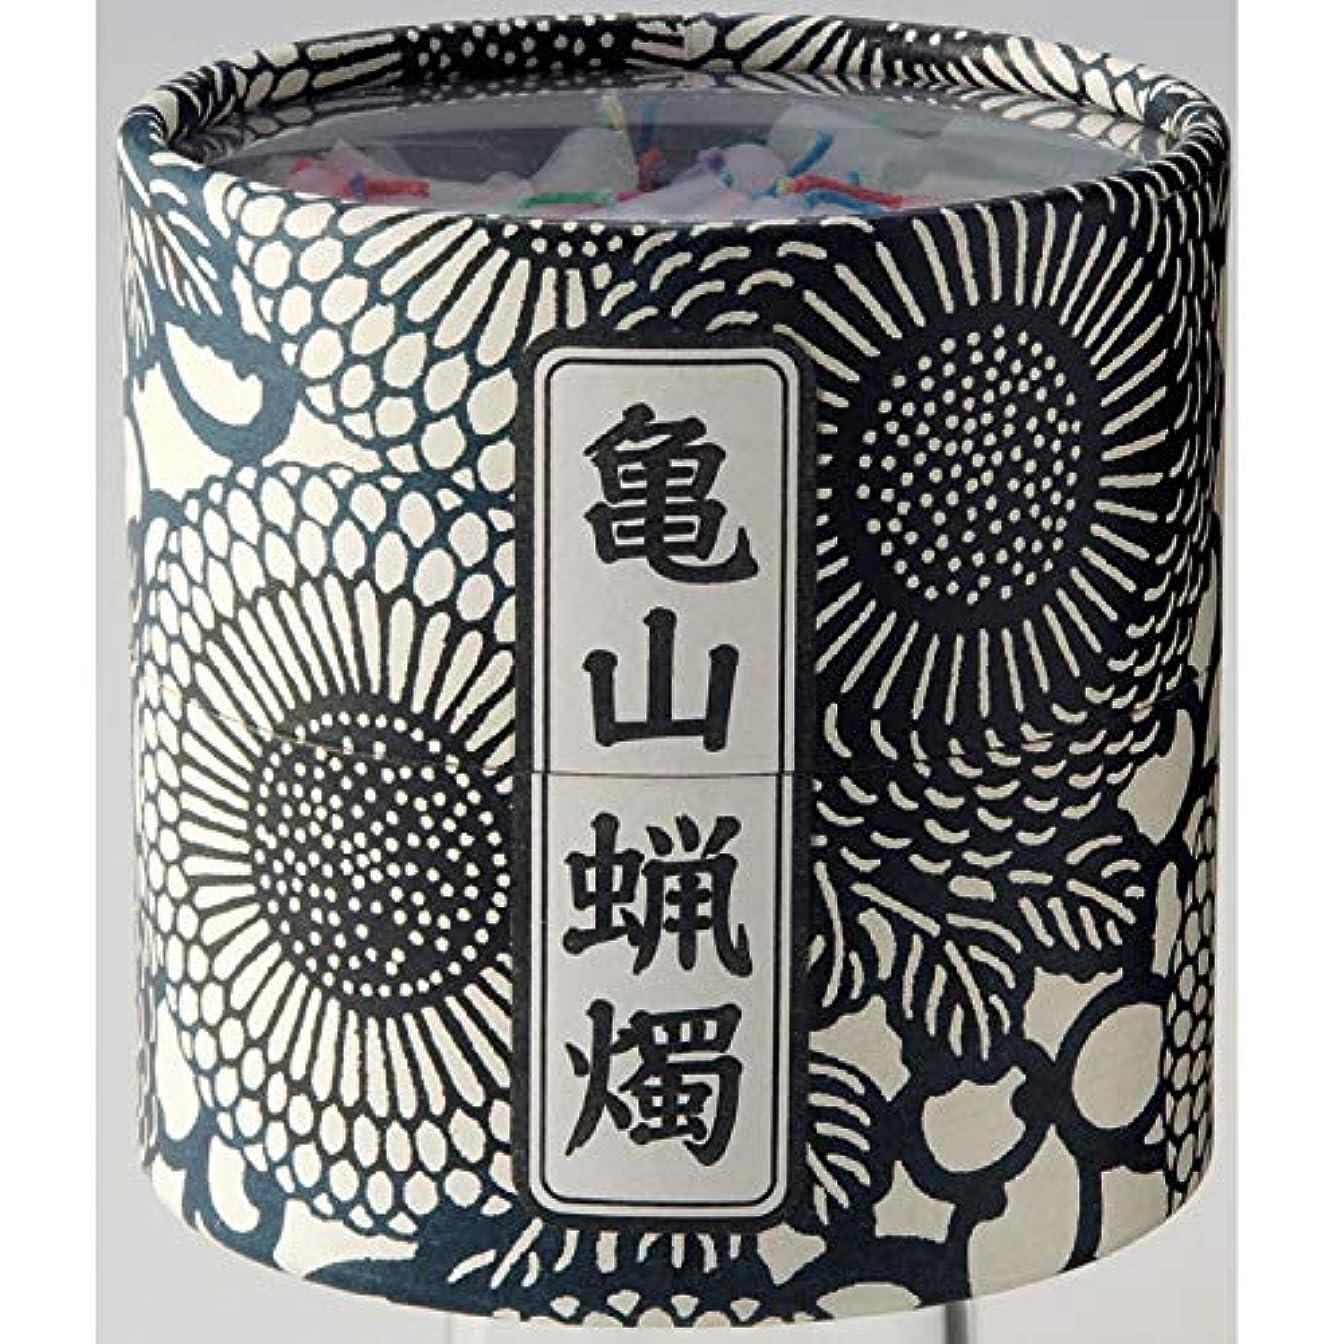 アーカイブ強風汚れた亀山五色蝋燭(ローソク)約300本入り